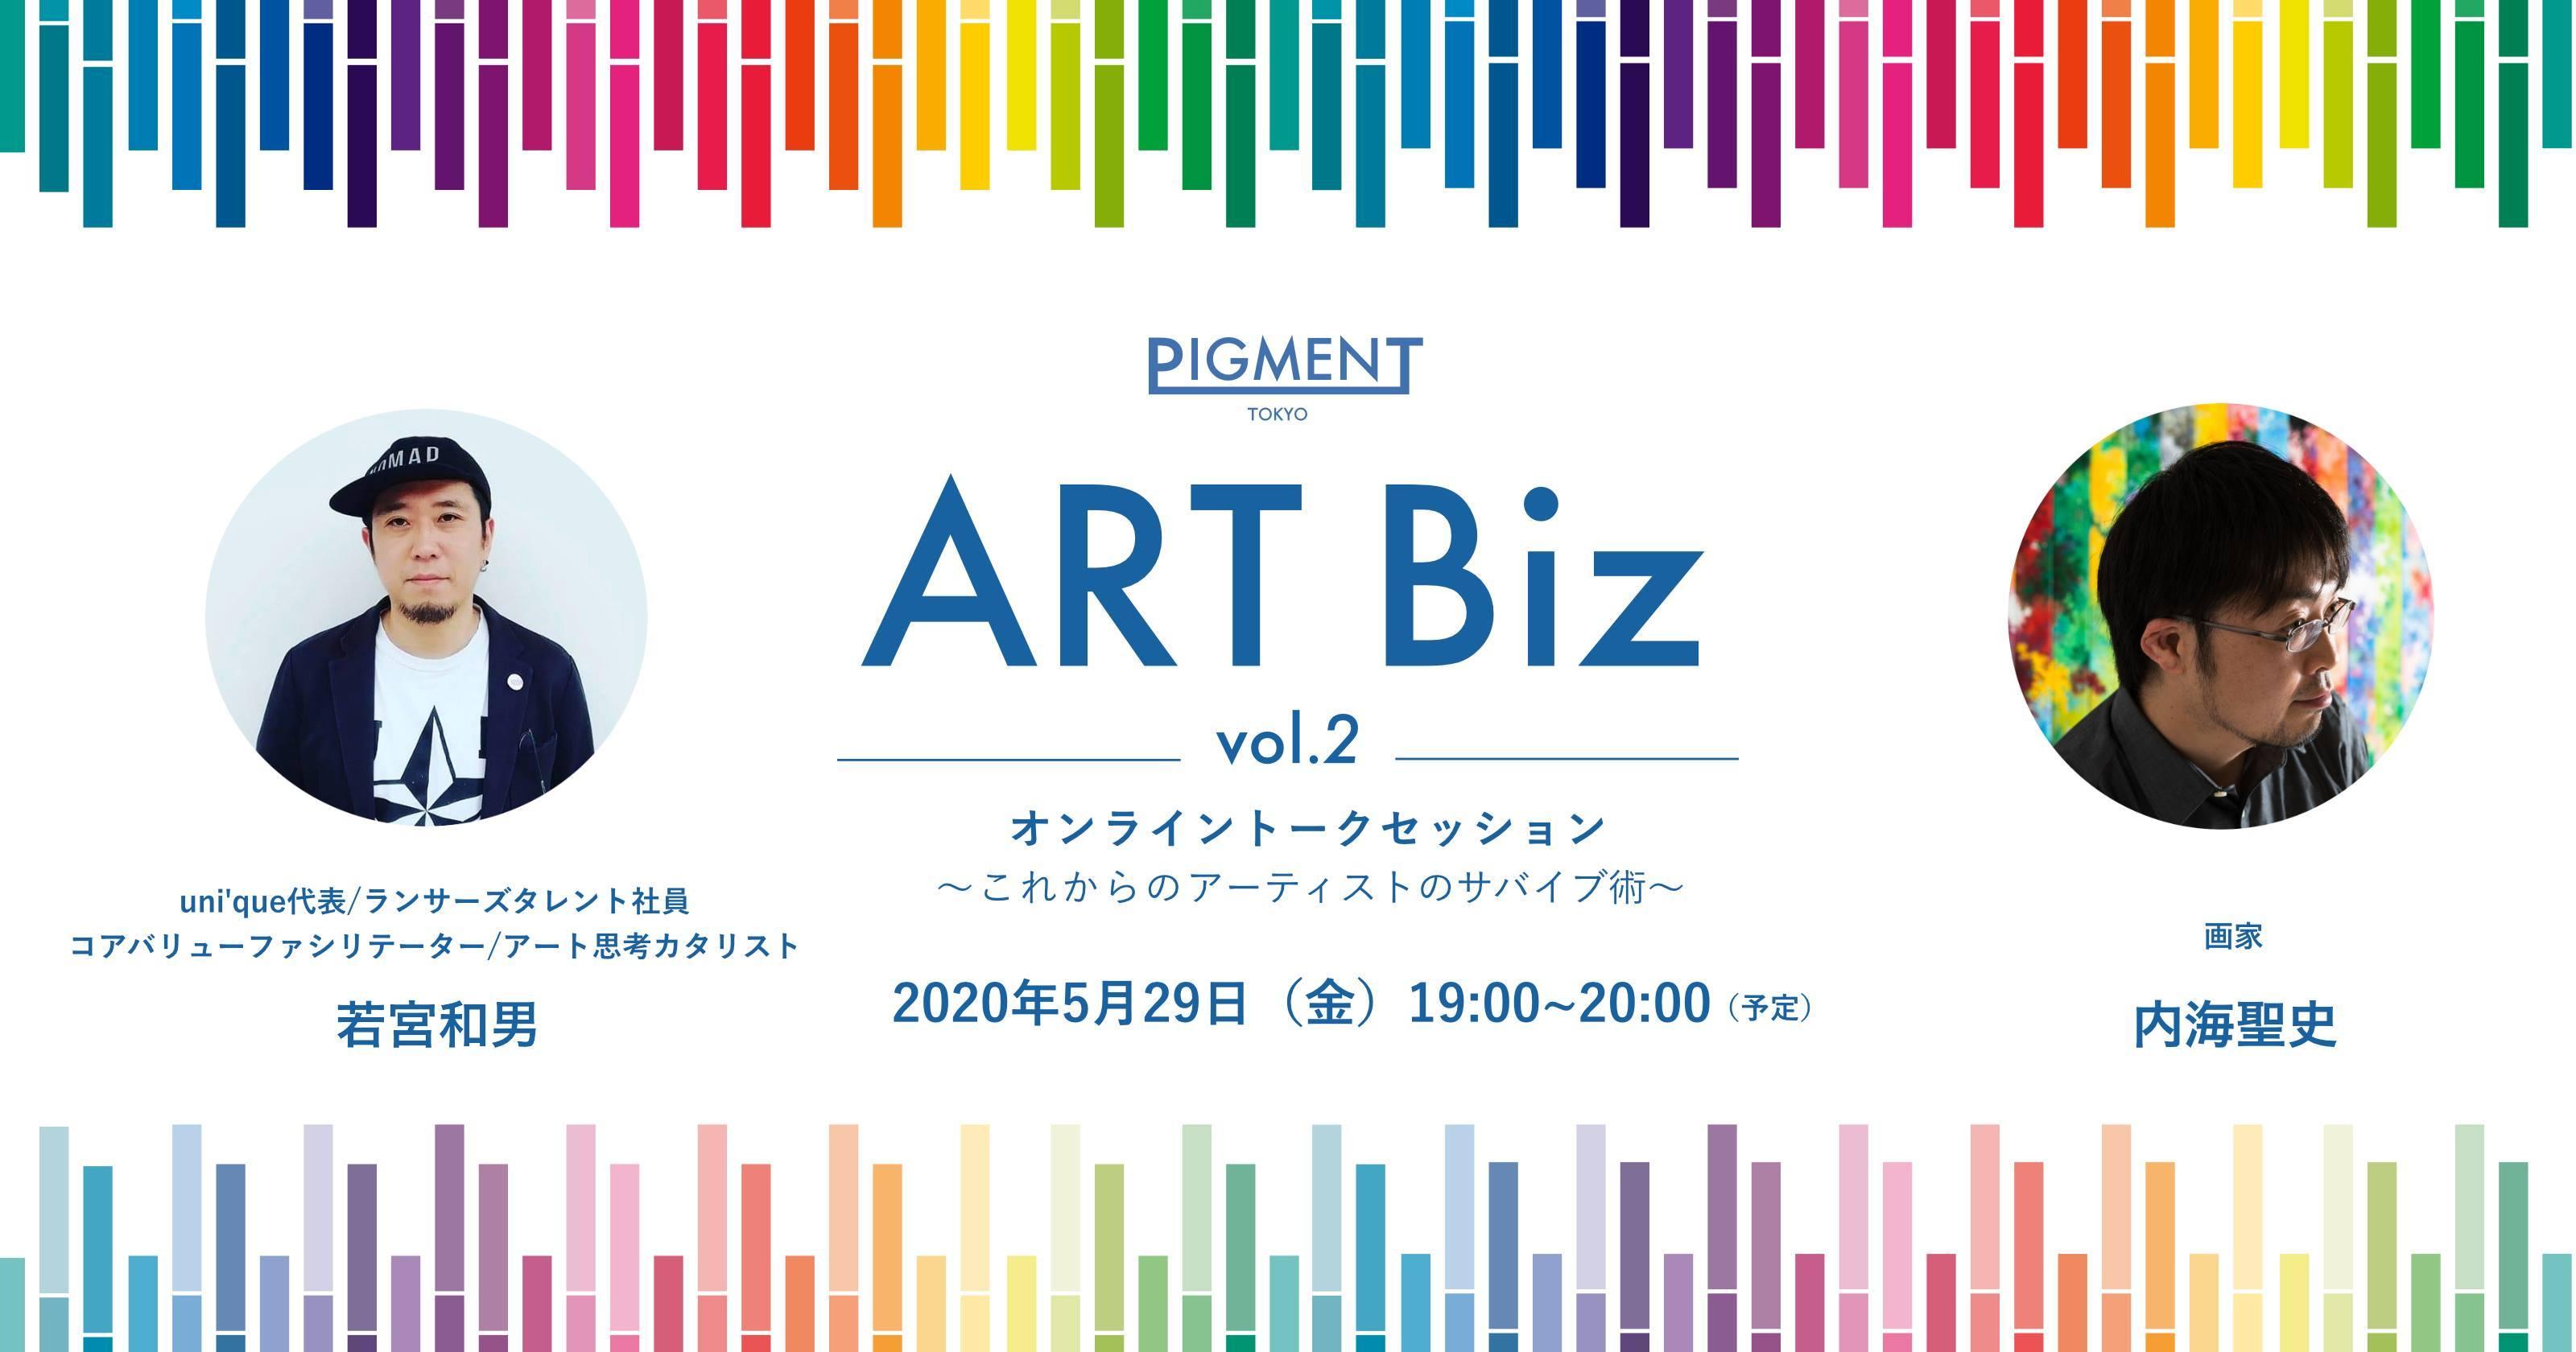 PIGMENT ART Biz vol.2 〜これからのアーティストのサバイブ術〜_f0082794_17112748.jpg